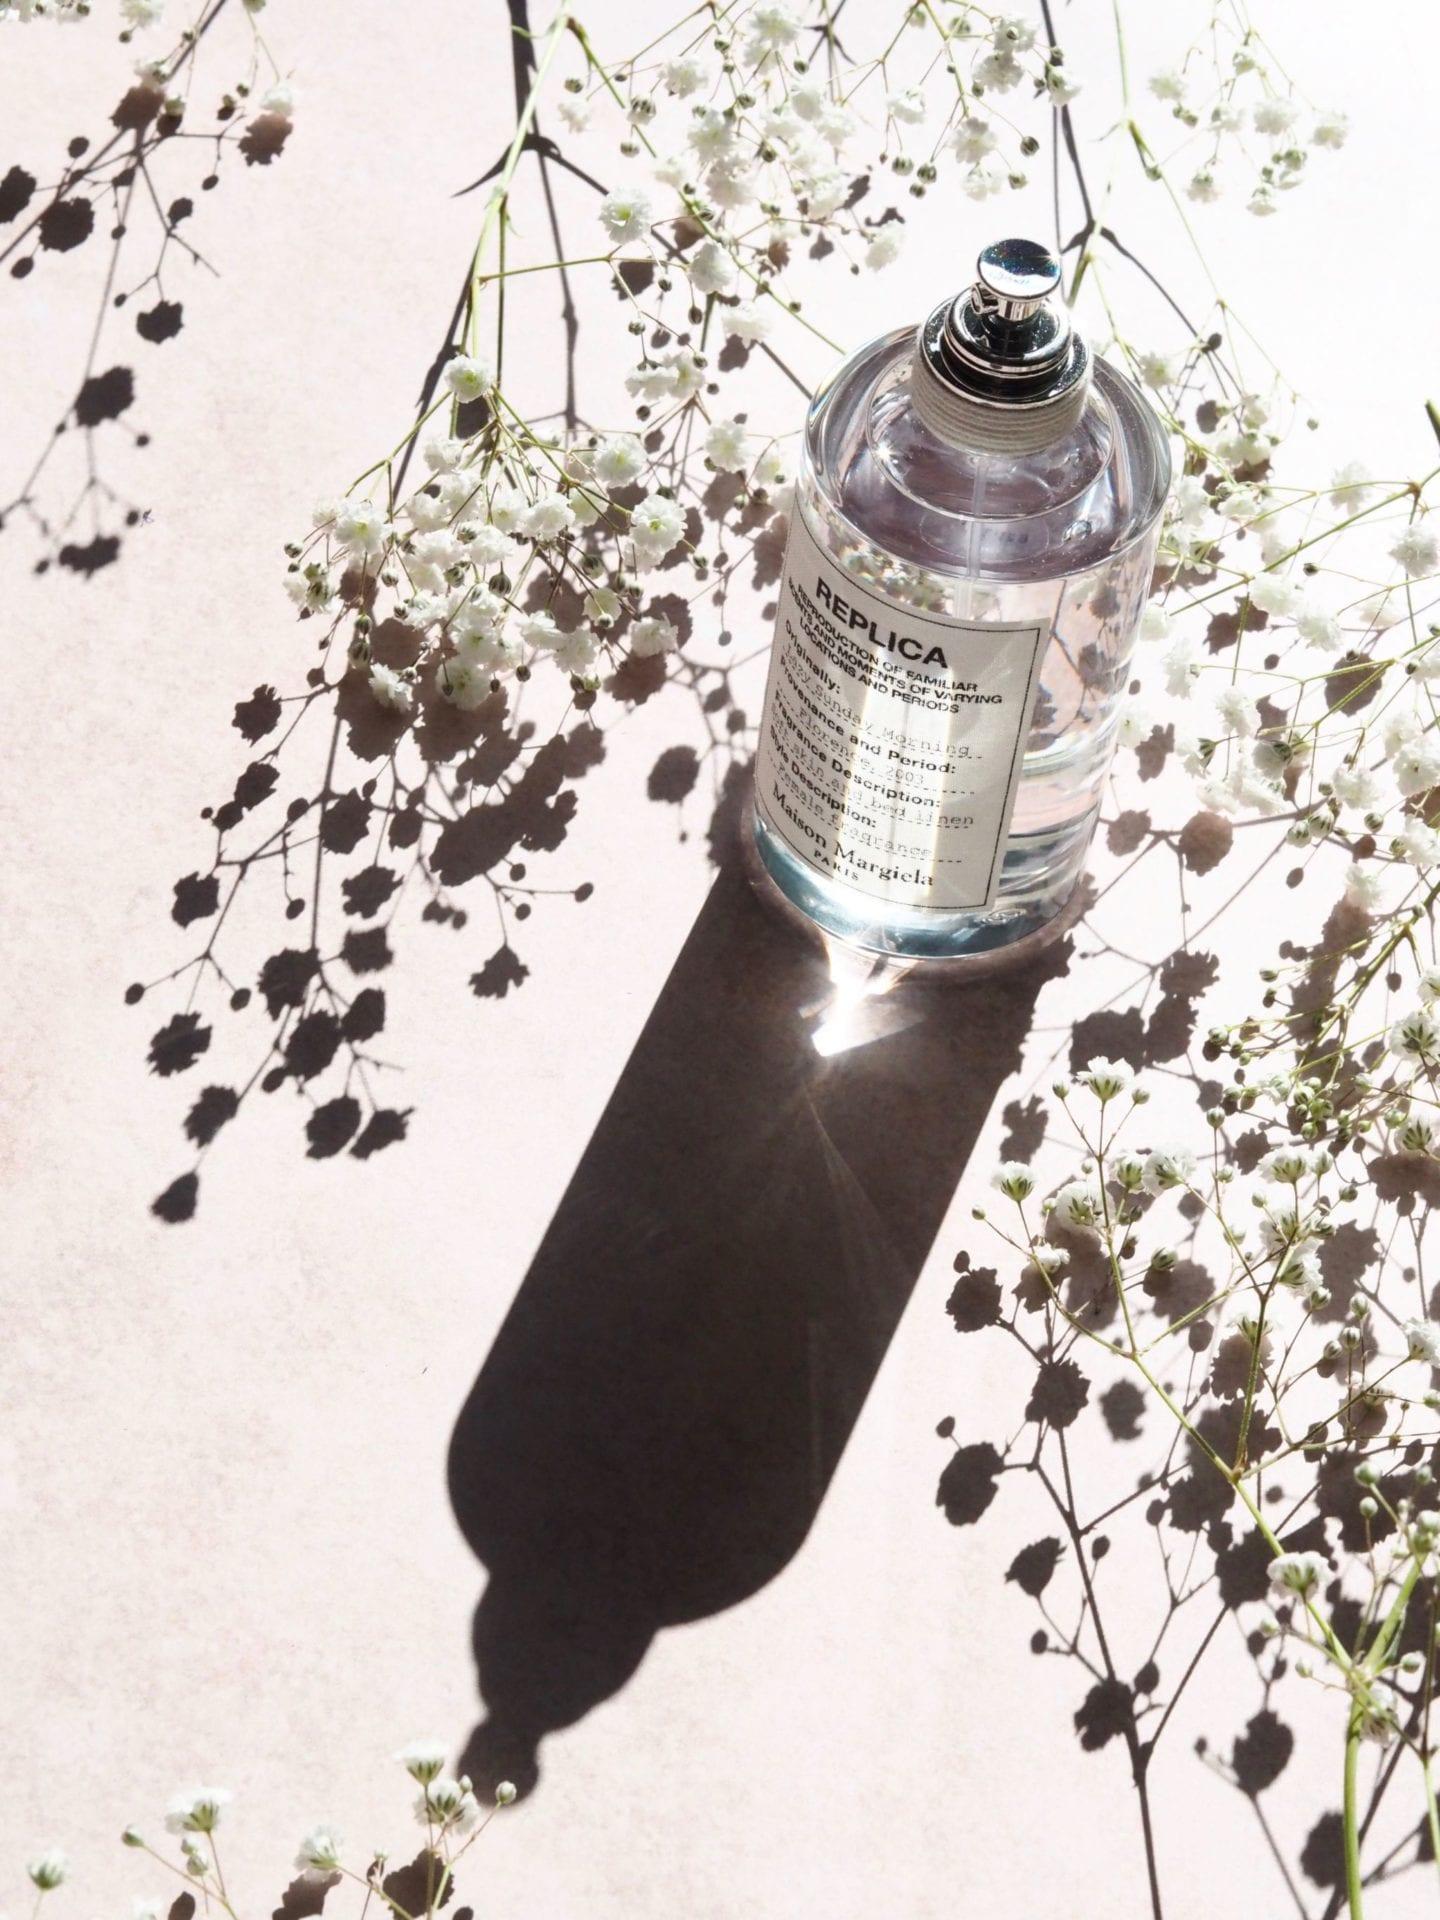 Maison-Margiela-Lazy-Sunday-Morning-fragrance-perfume